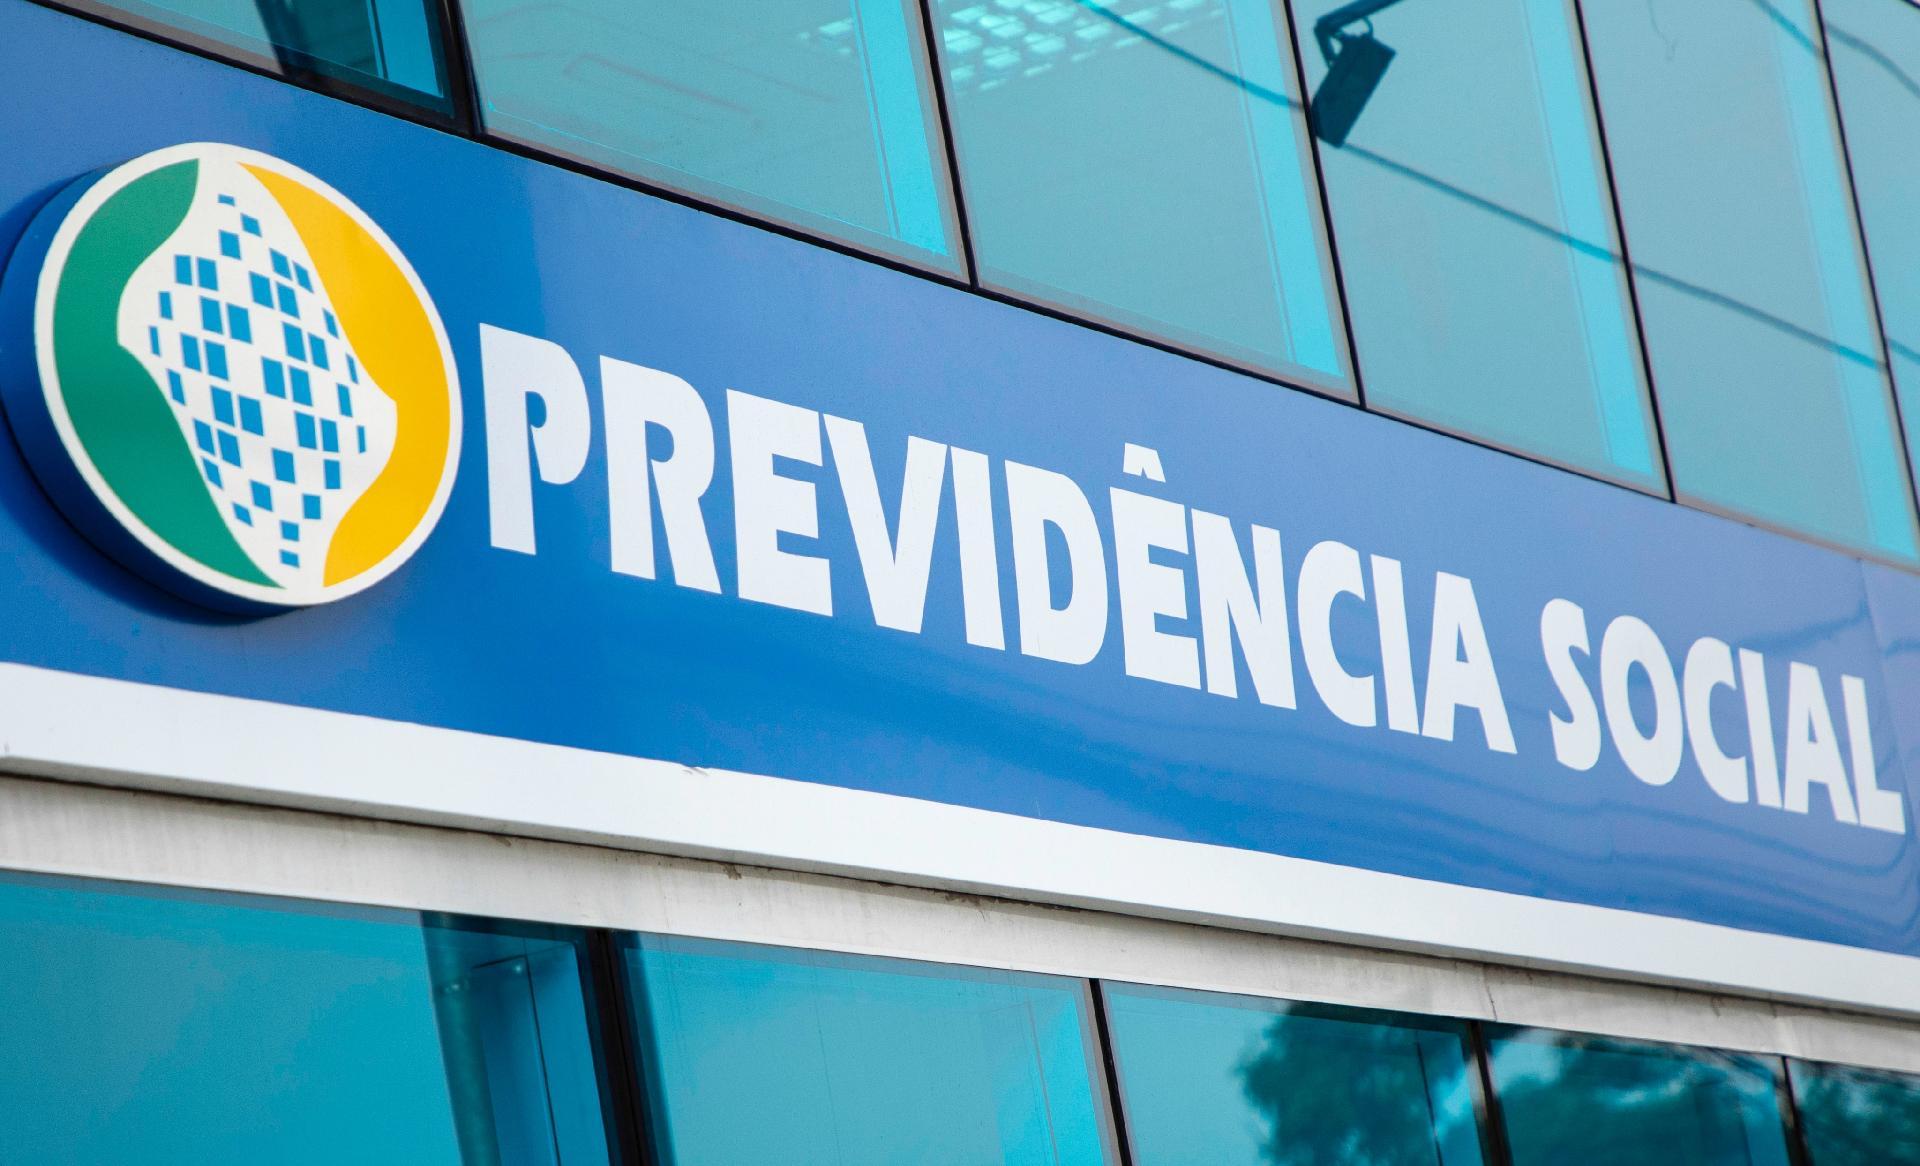 inss previdencia agencia aposentadoria